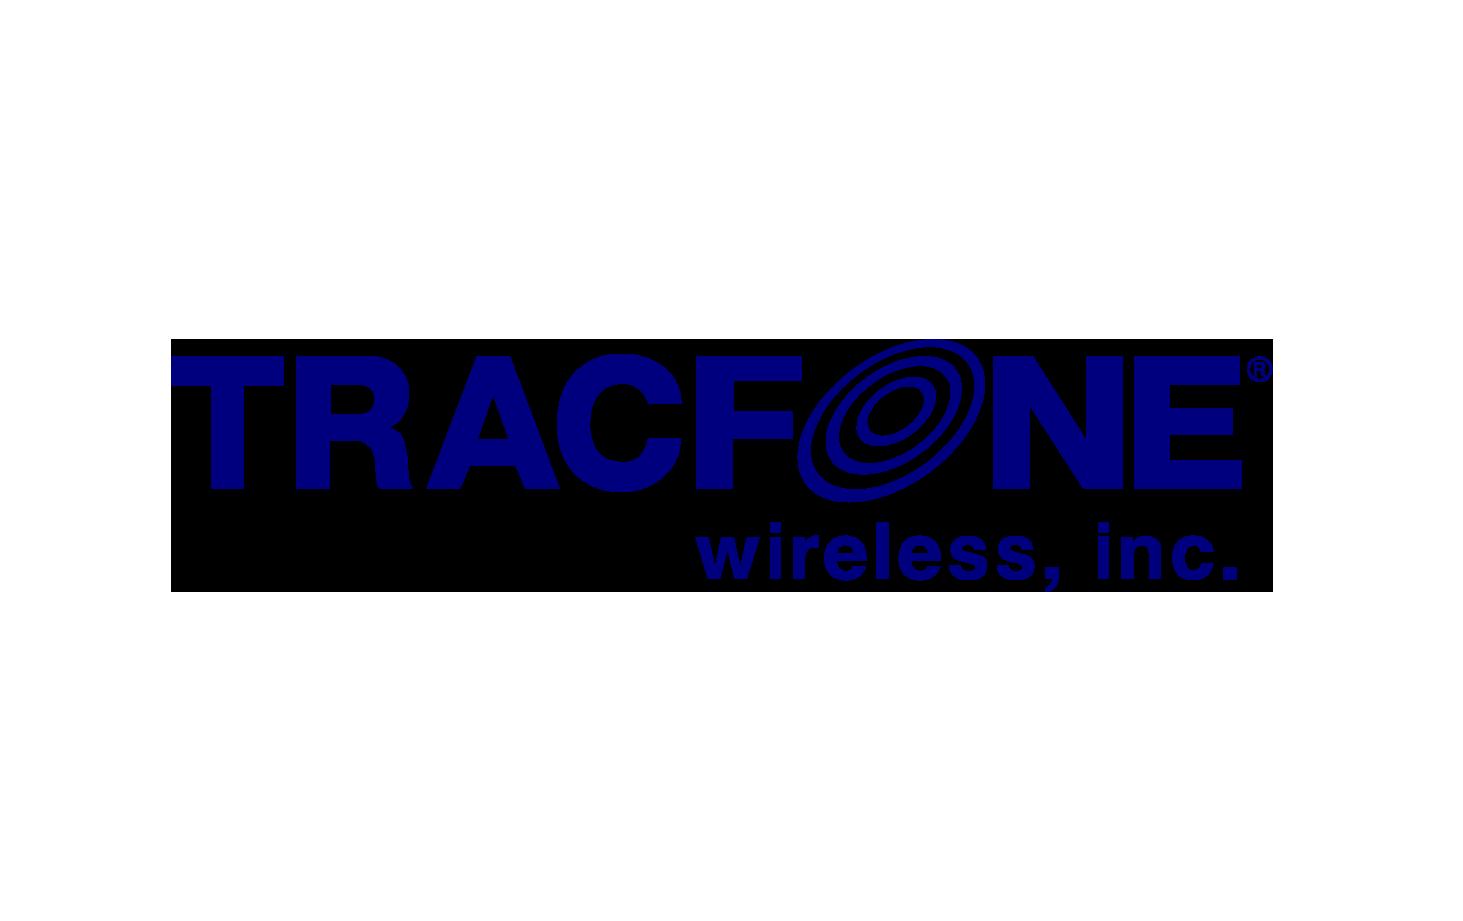 Tracfone_Corporate_Logo_1463x921